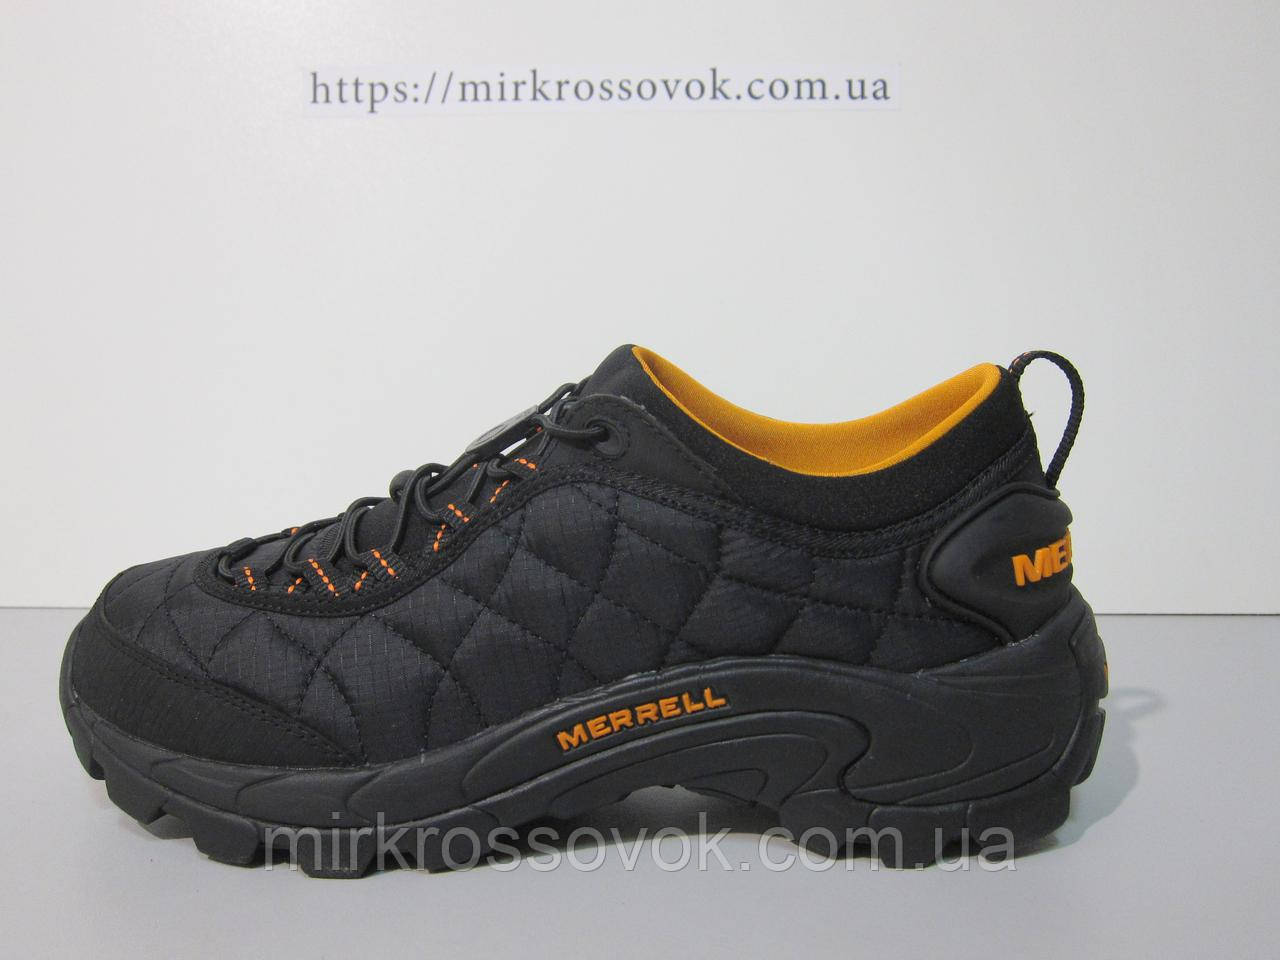 Мужские кроссовки Merrell Ice Cap Moc II J61391 (оригинал)  продажа ... 79b74646b86d6